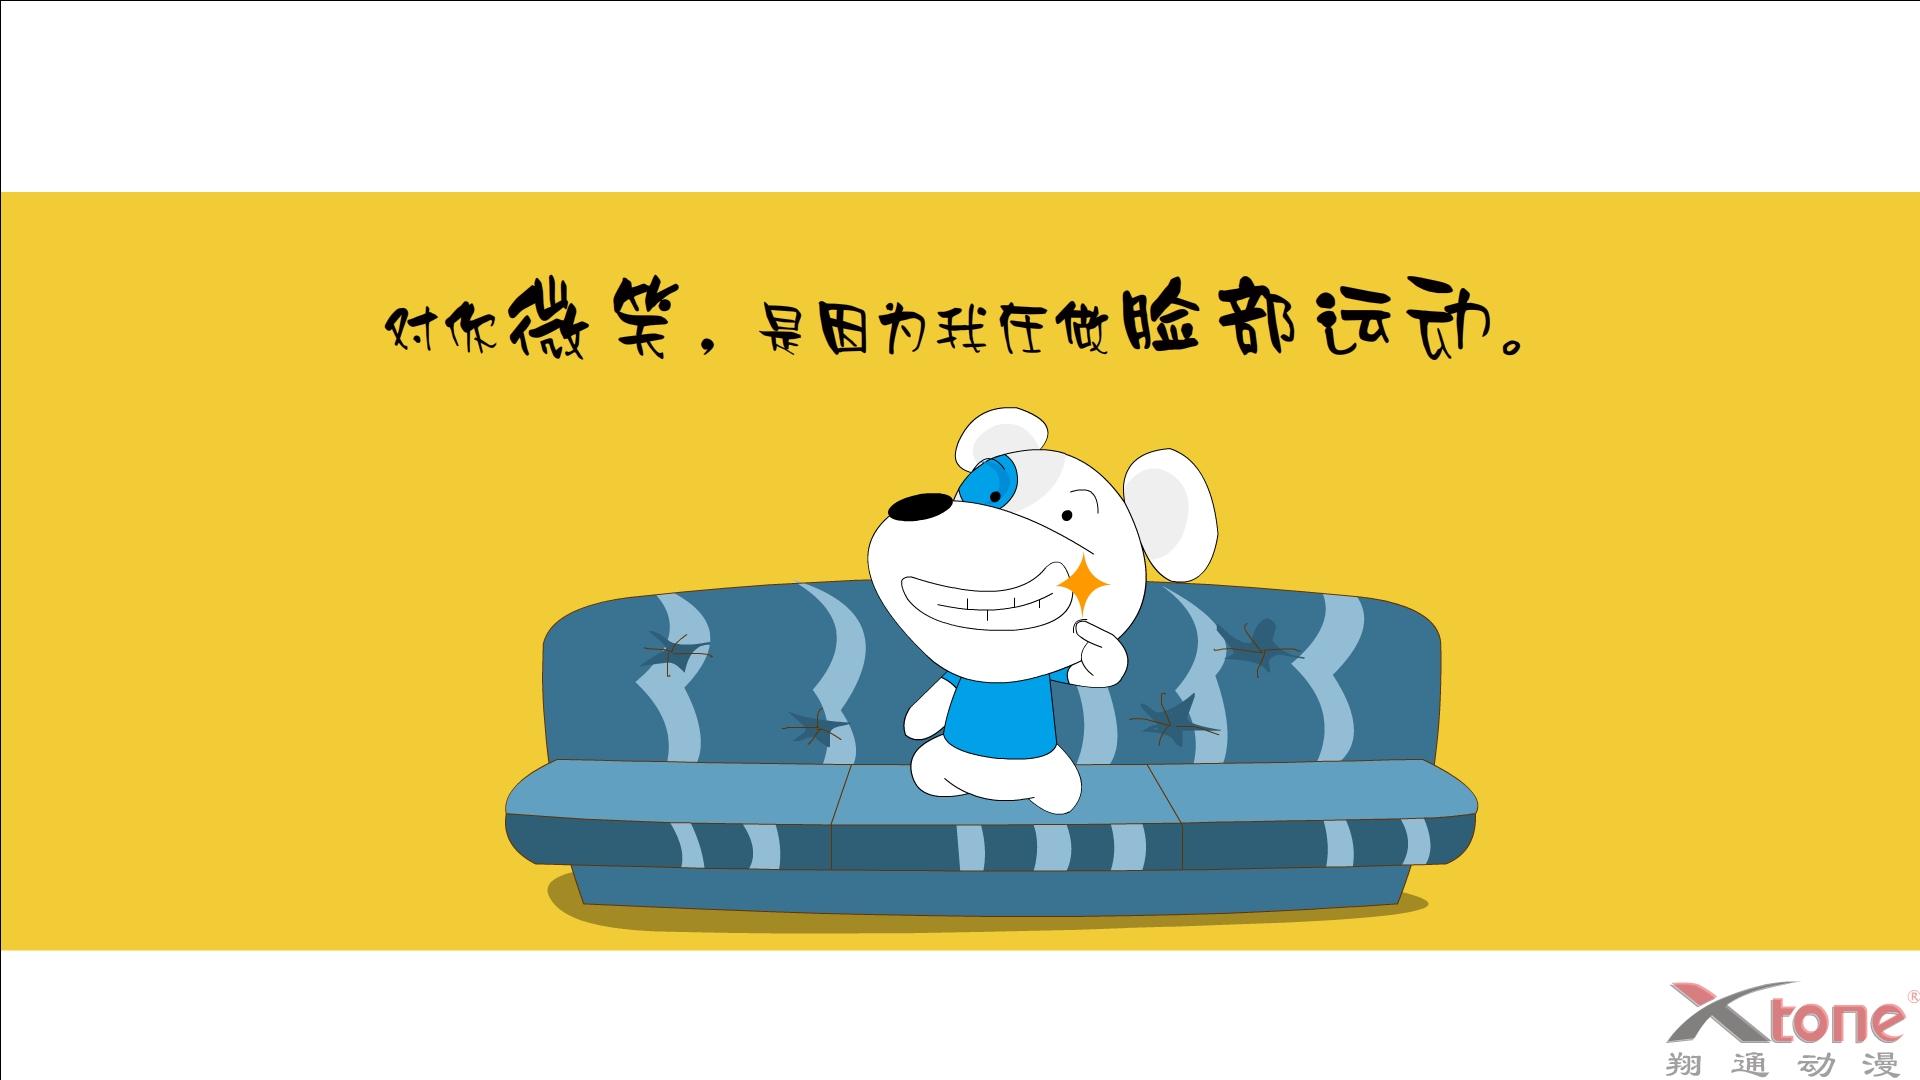 开心鼠 可爱卡通鼠宽屏壁纸(壁纸1)